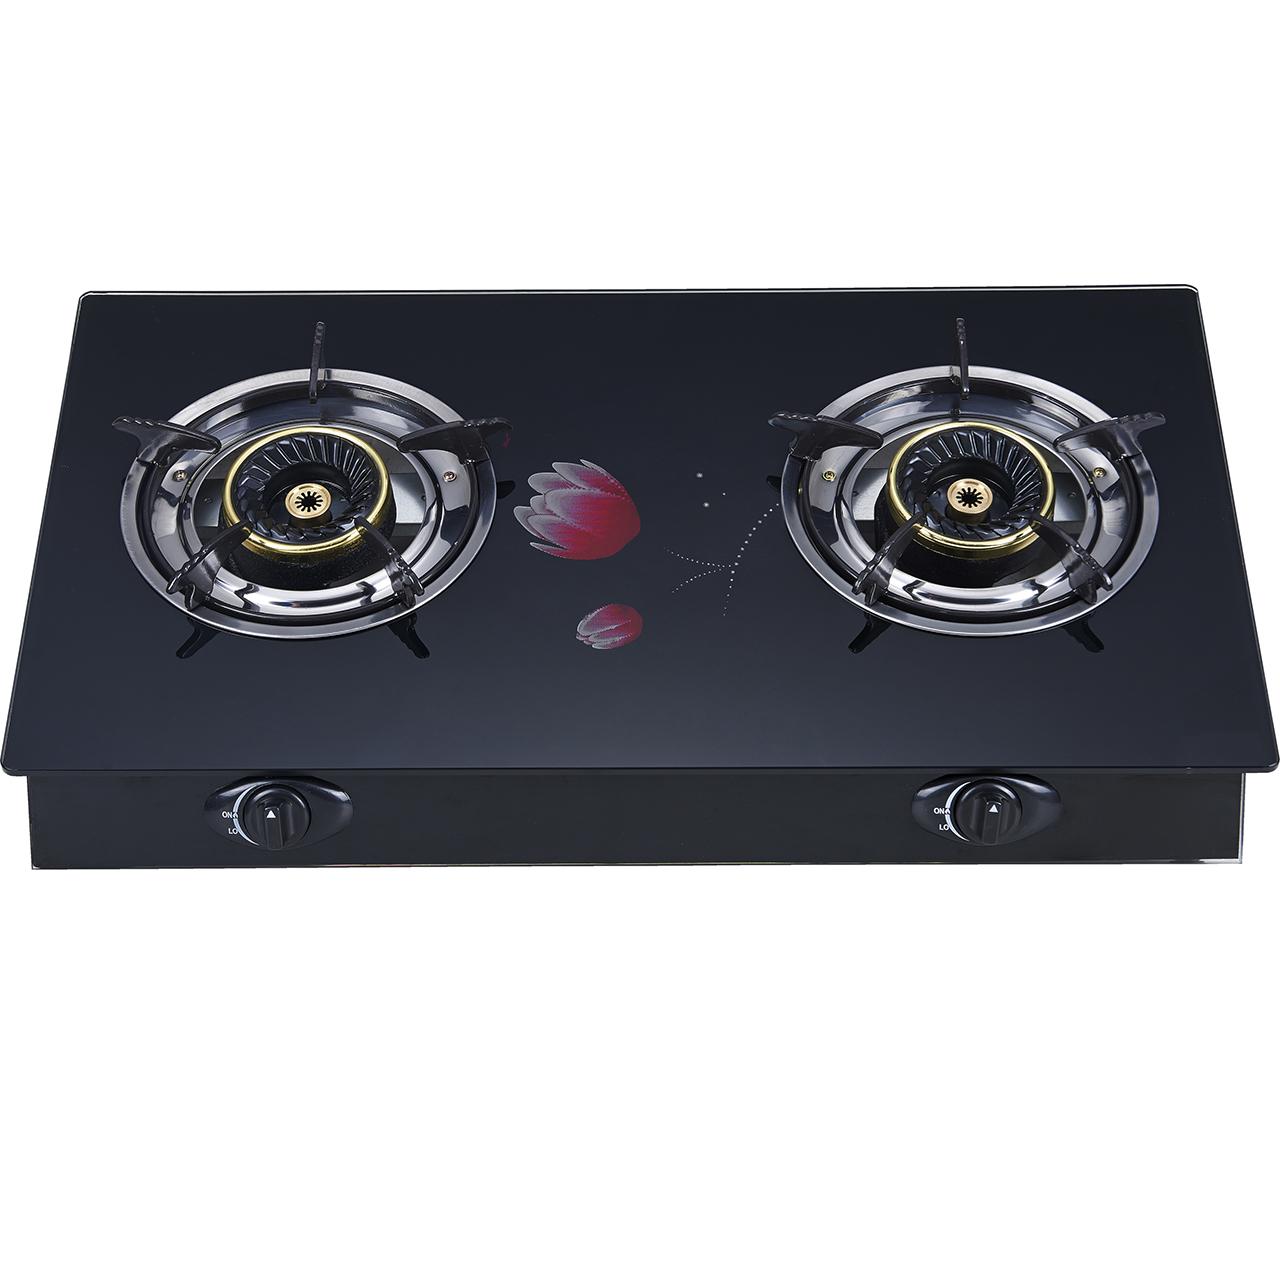 K2-T2G013W厨房台式炉灶具